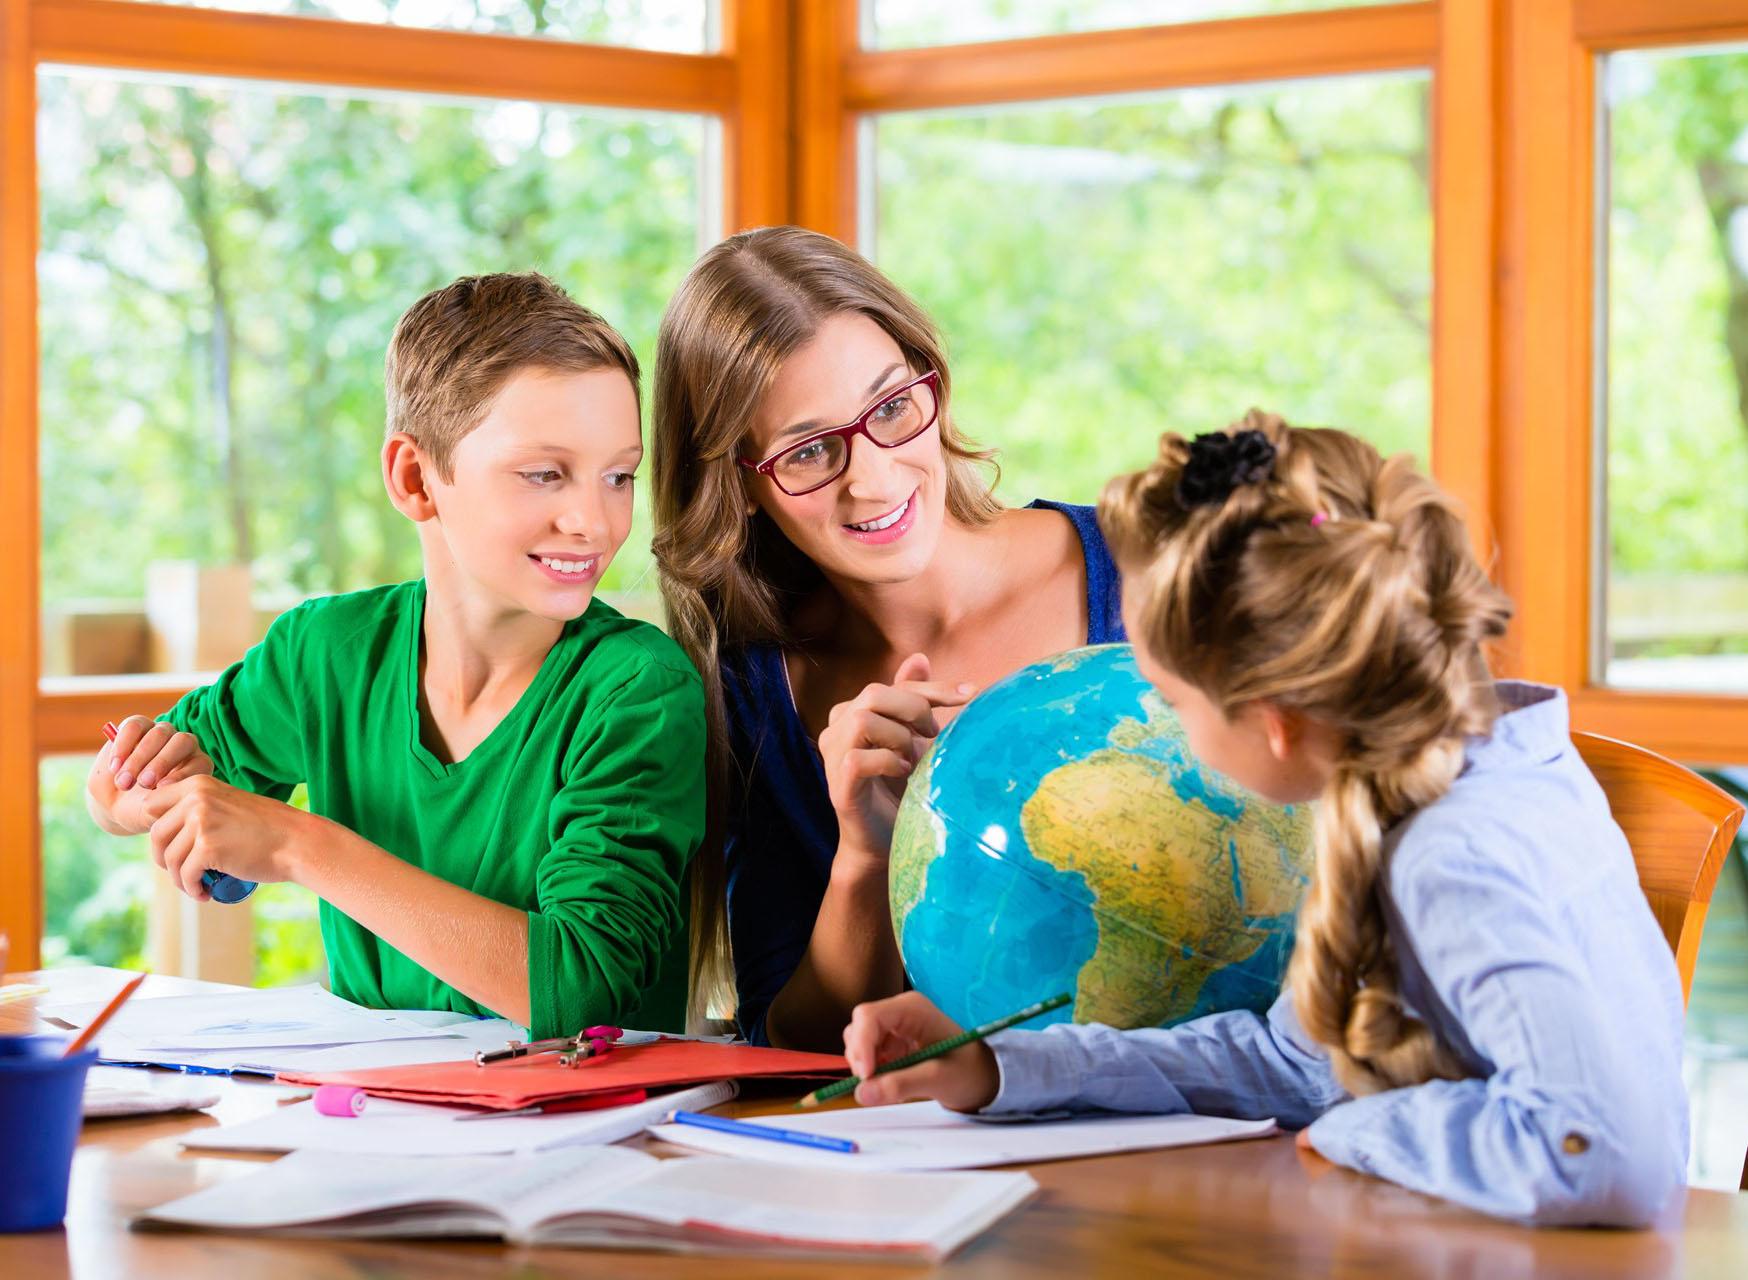 Lắng nghe để truyền thông và làm cho tương quan giáo dục trở nên phong phú